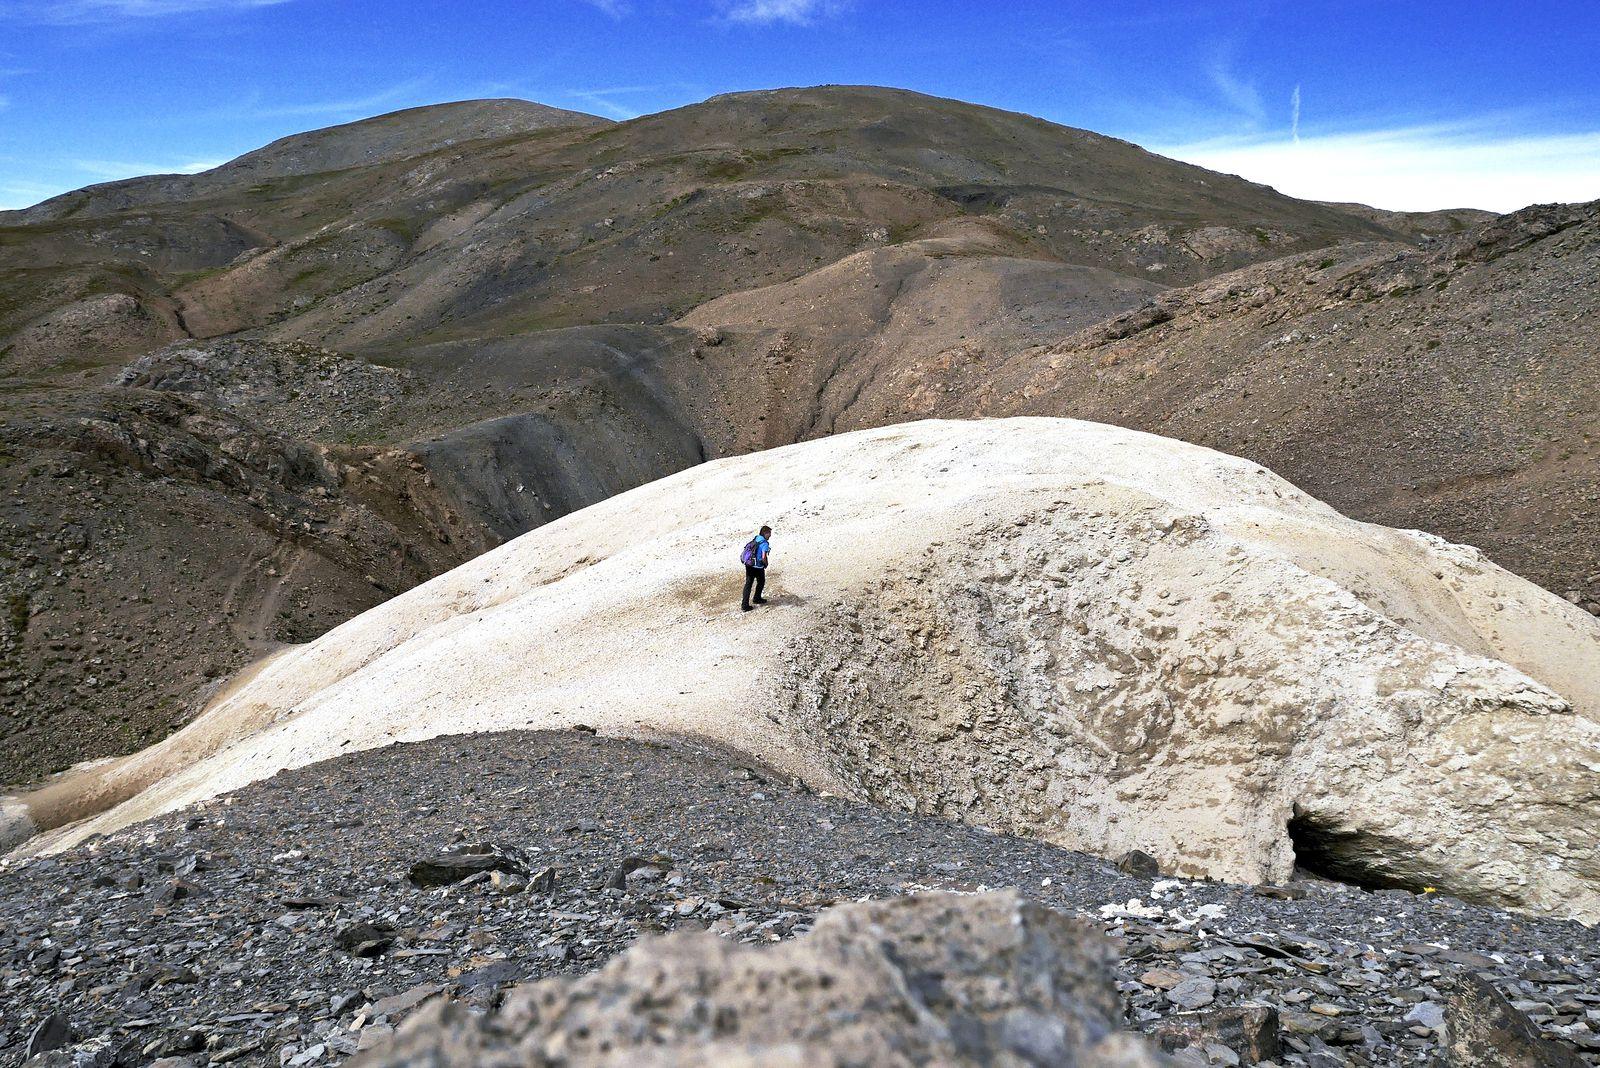 Curieux dôme de gypse avant le col des Terres-Blanches. C'est lui qui sert de repère pour descendre dans le vallon où se trouve l'arche.